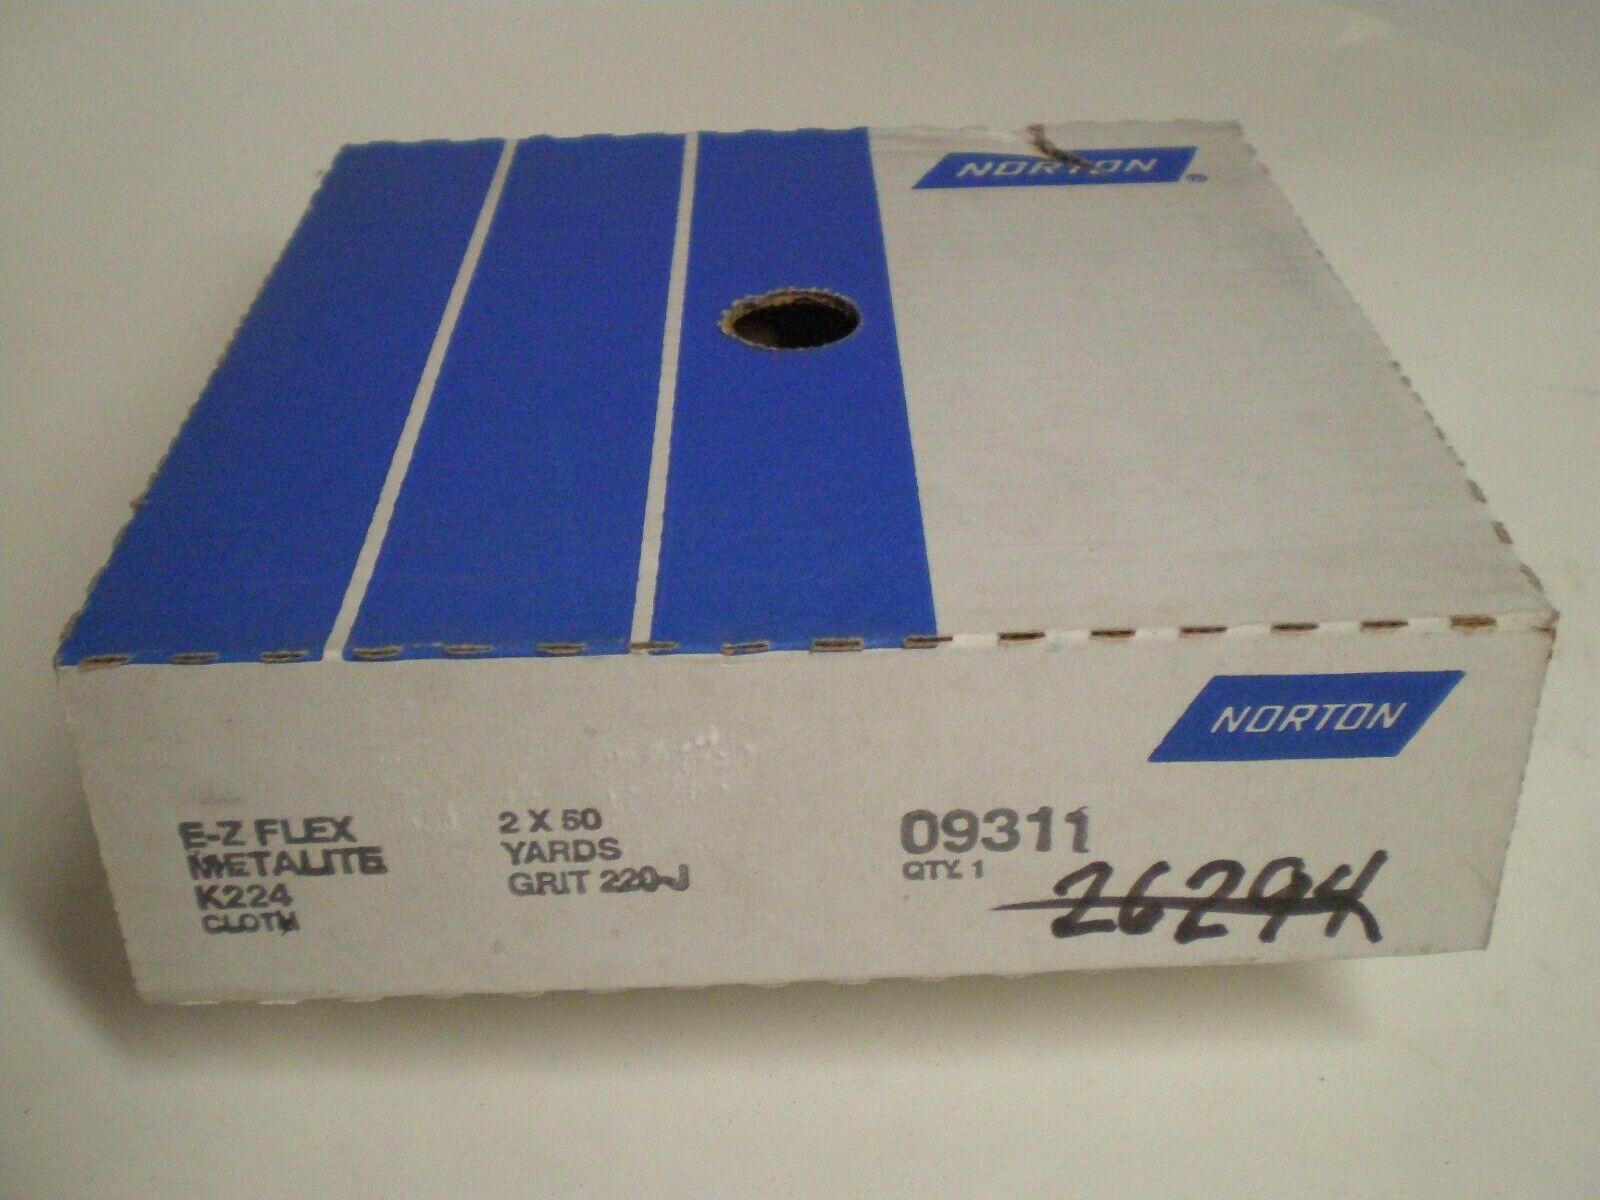 Norton 09311 E-Z Flex Metalite Roll 2  x 50Yards 220-J Grit